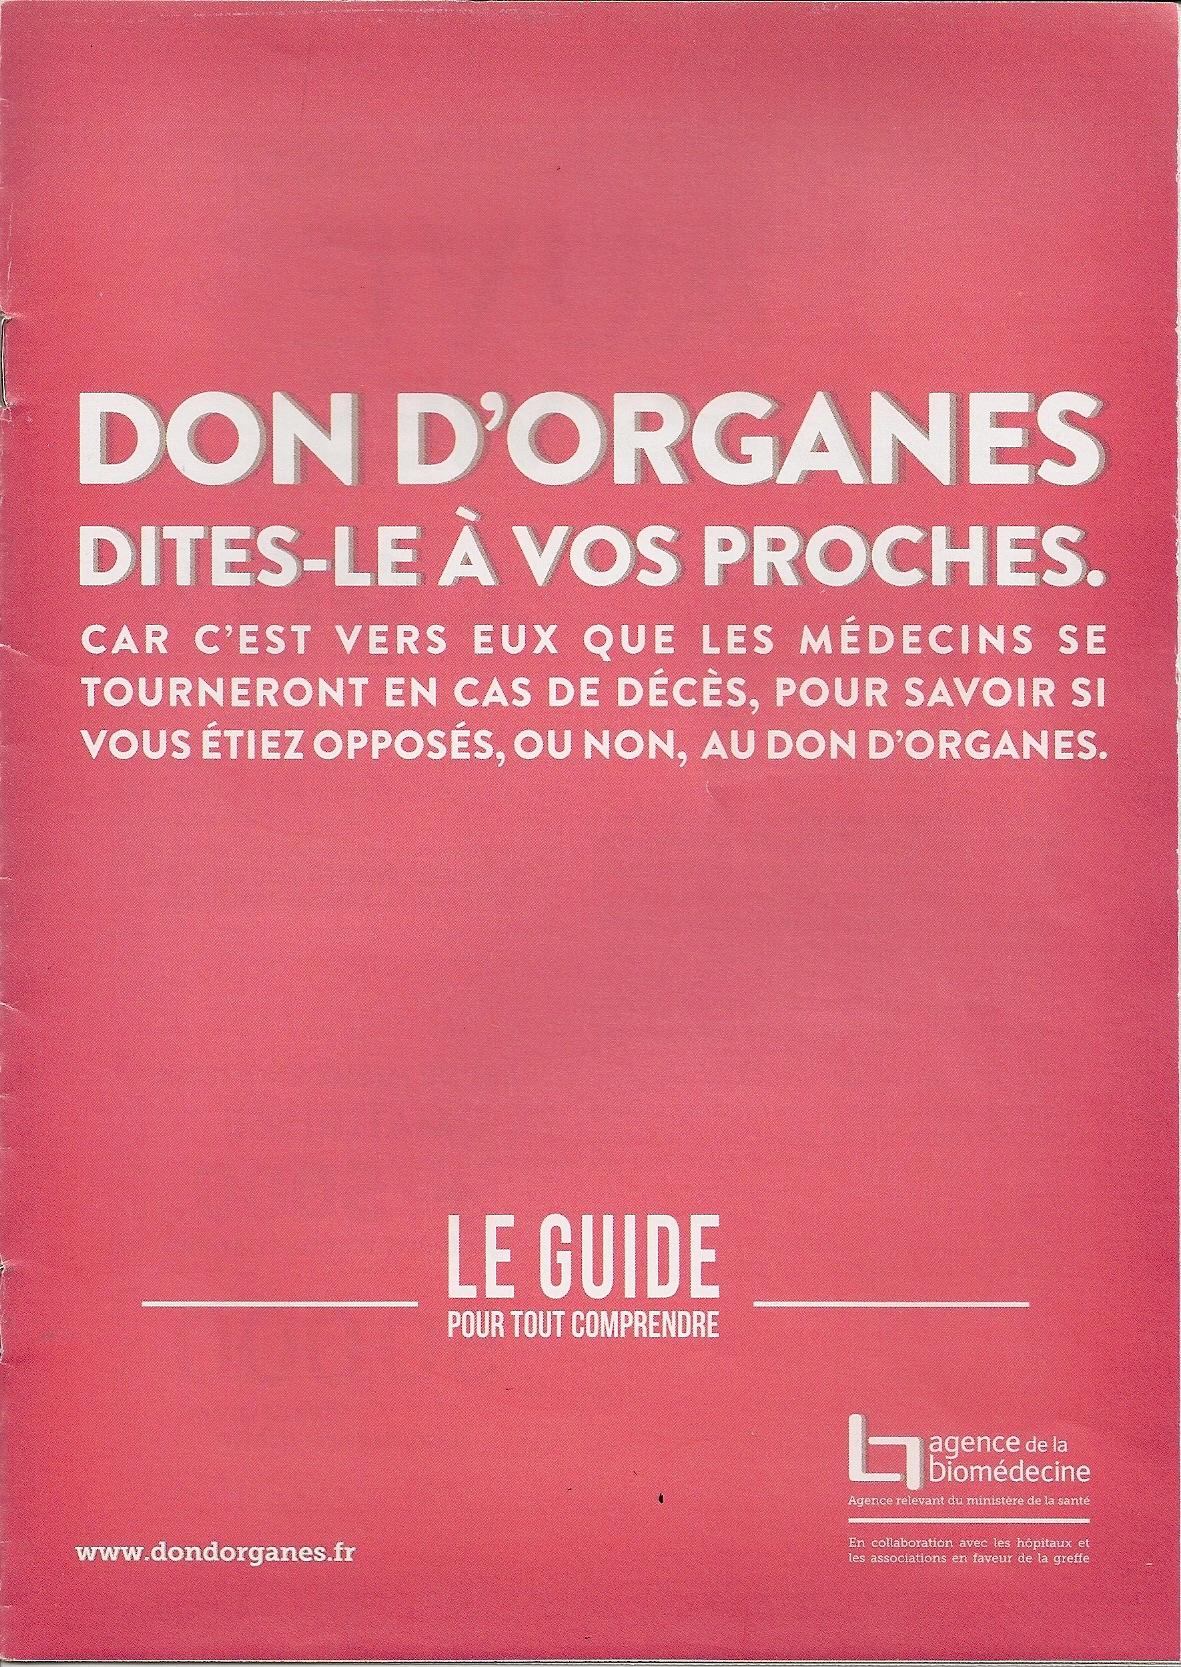 Don d'organe: le guide pour tout comprendre